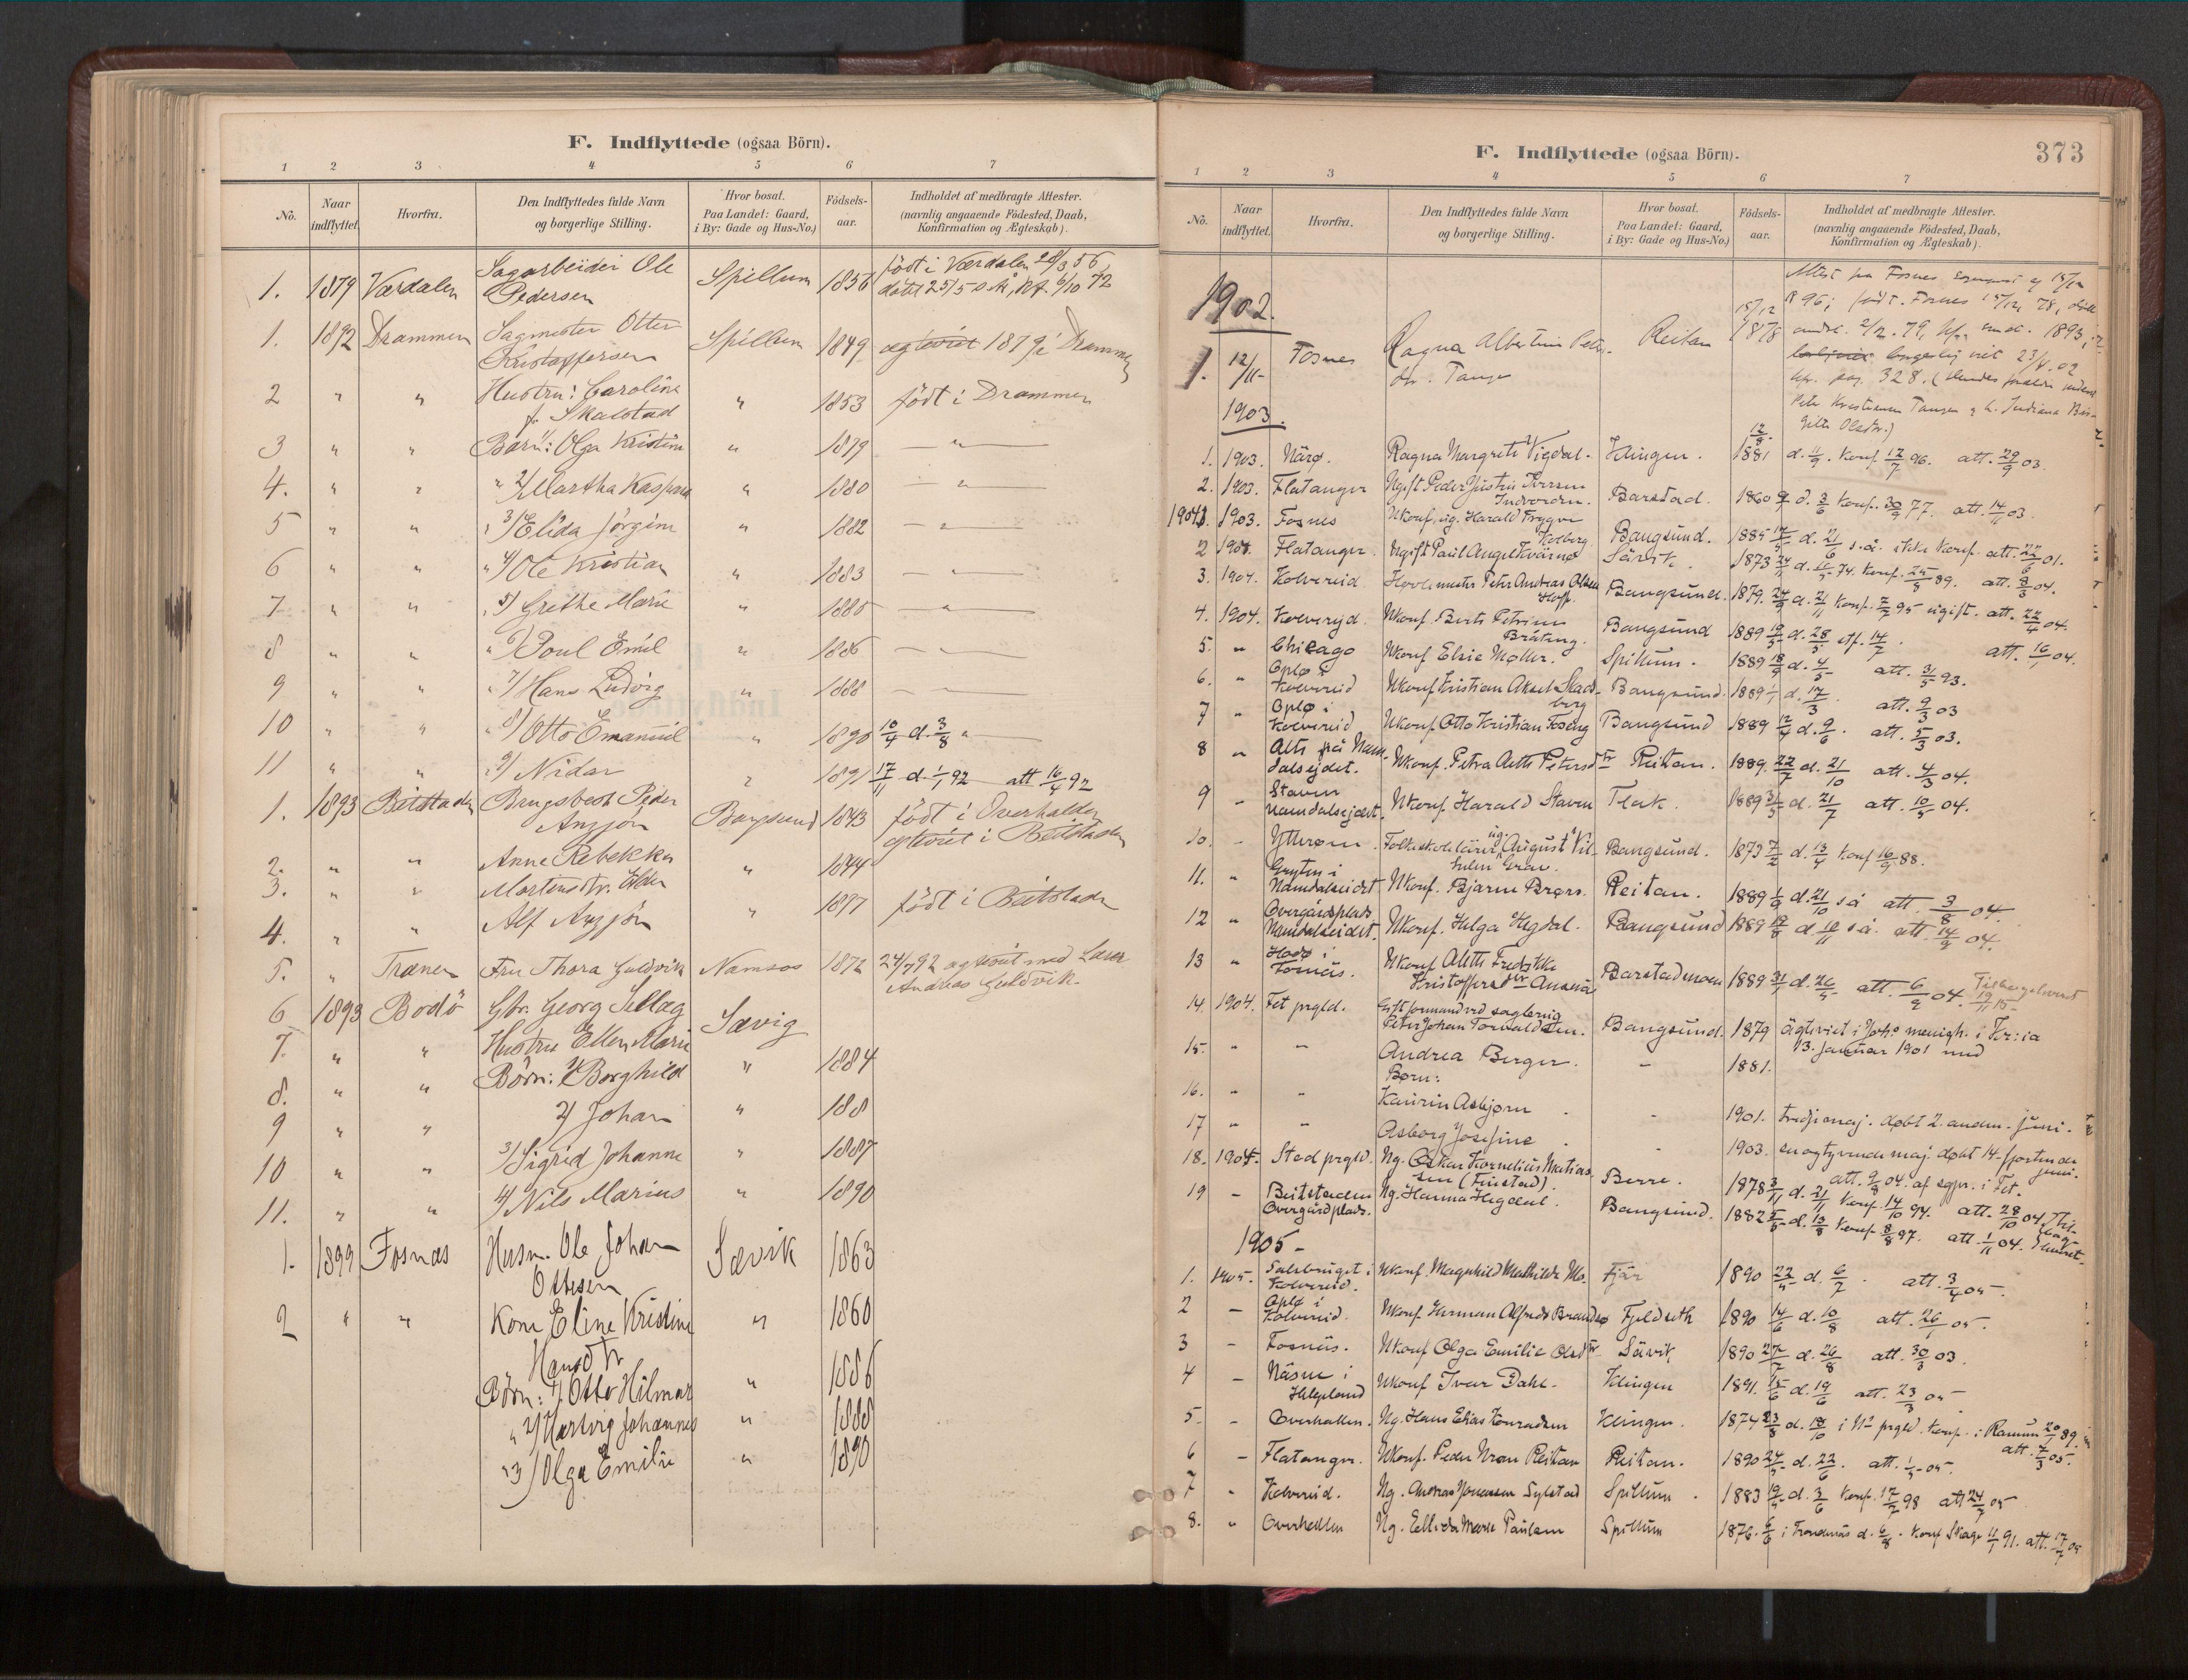 SAT, Ministerialprotokoller, klokkerbøker og fødselsregistre - Nord-Trøndelag, 770/L0589: Ministerialbok nr. 770A03, 1887-1929, s. 373